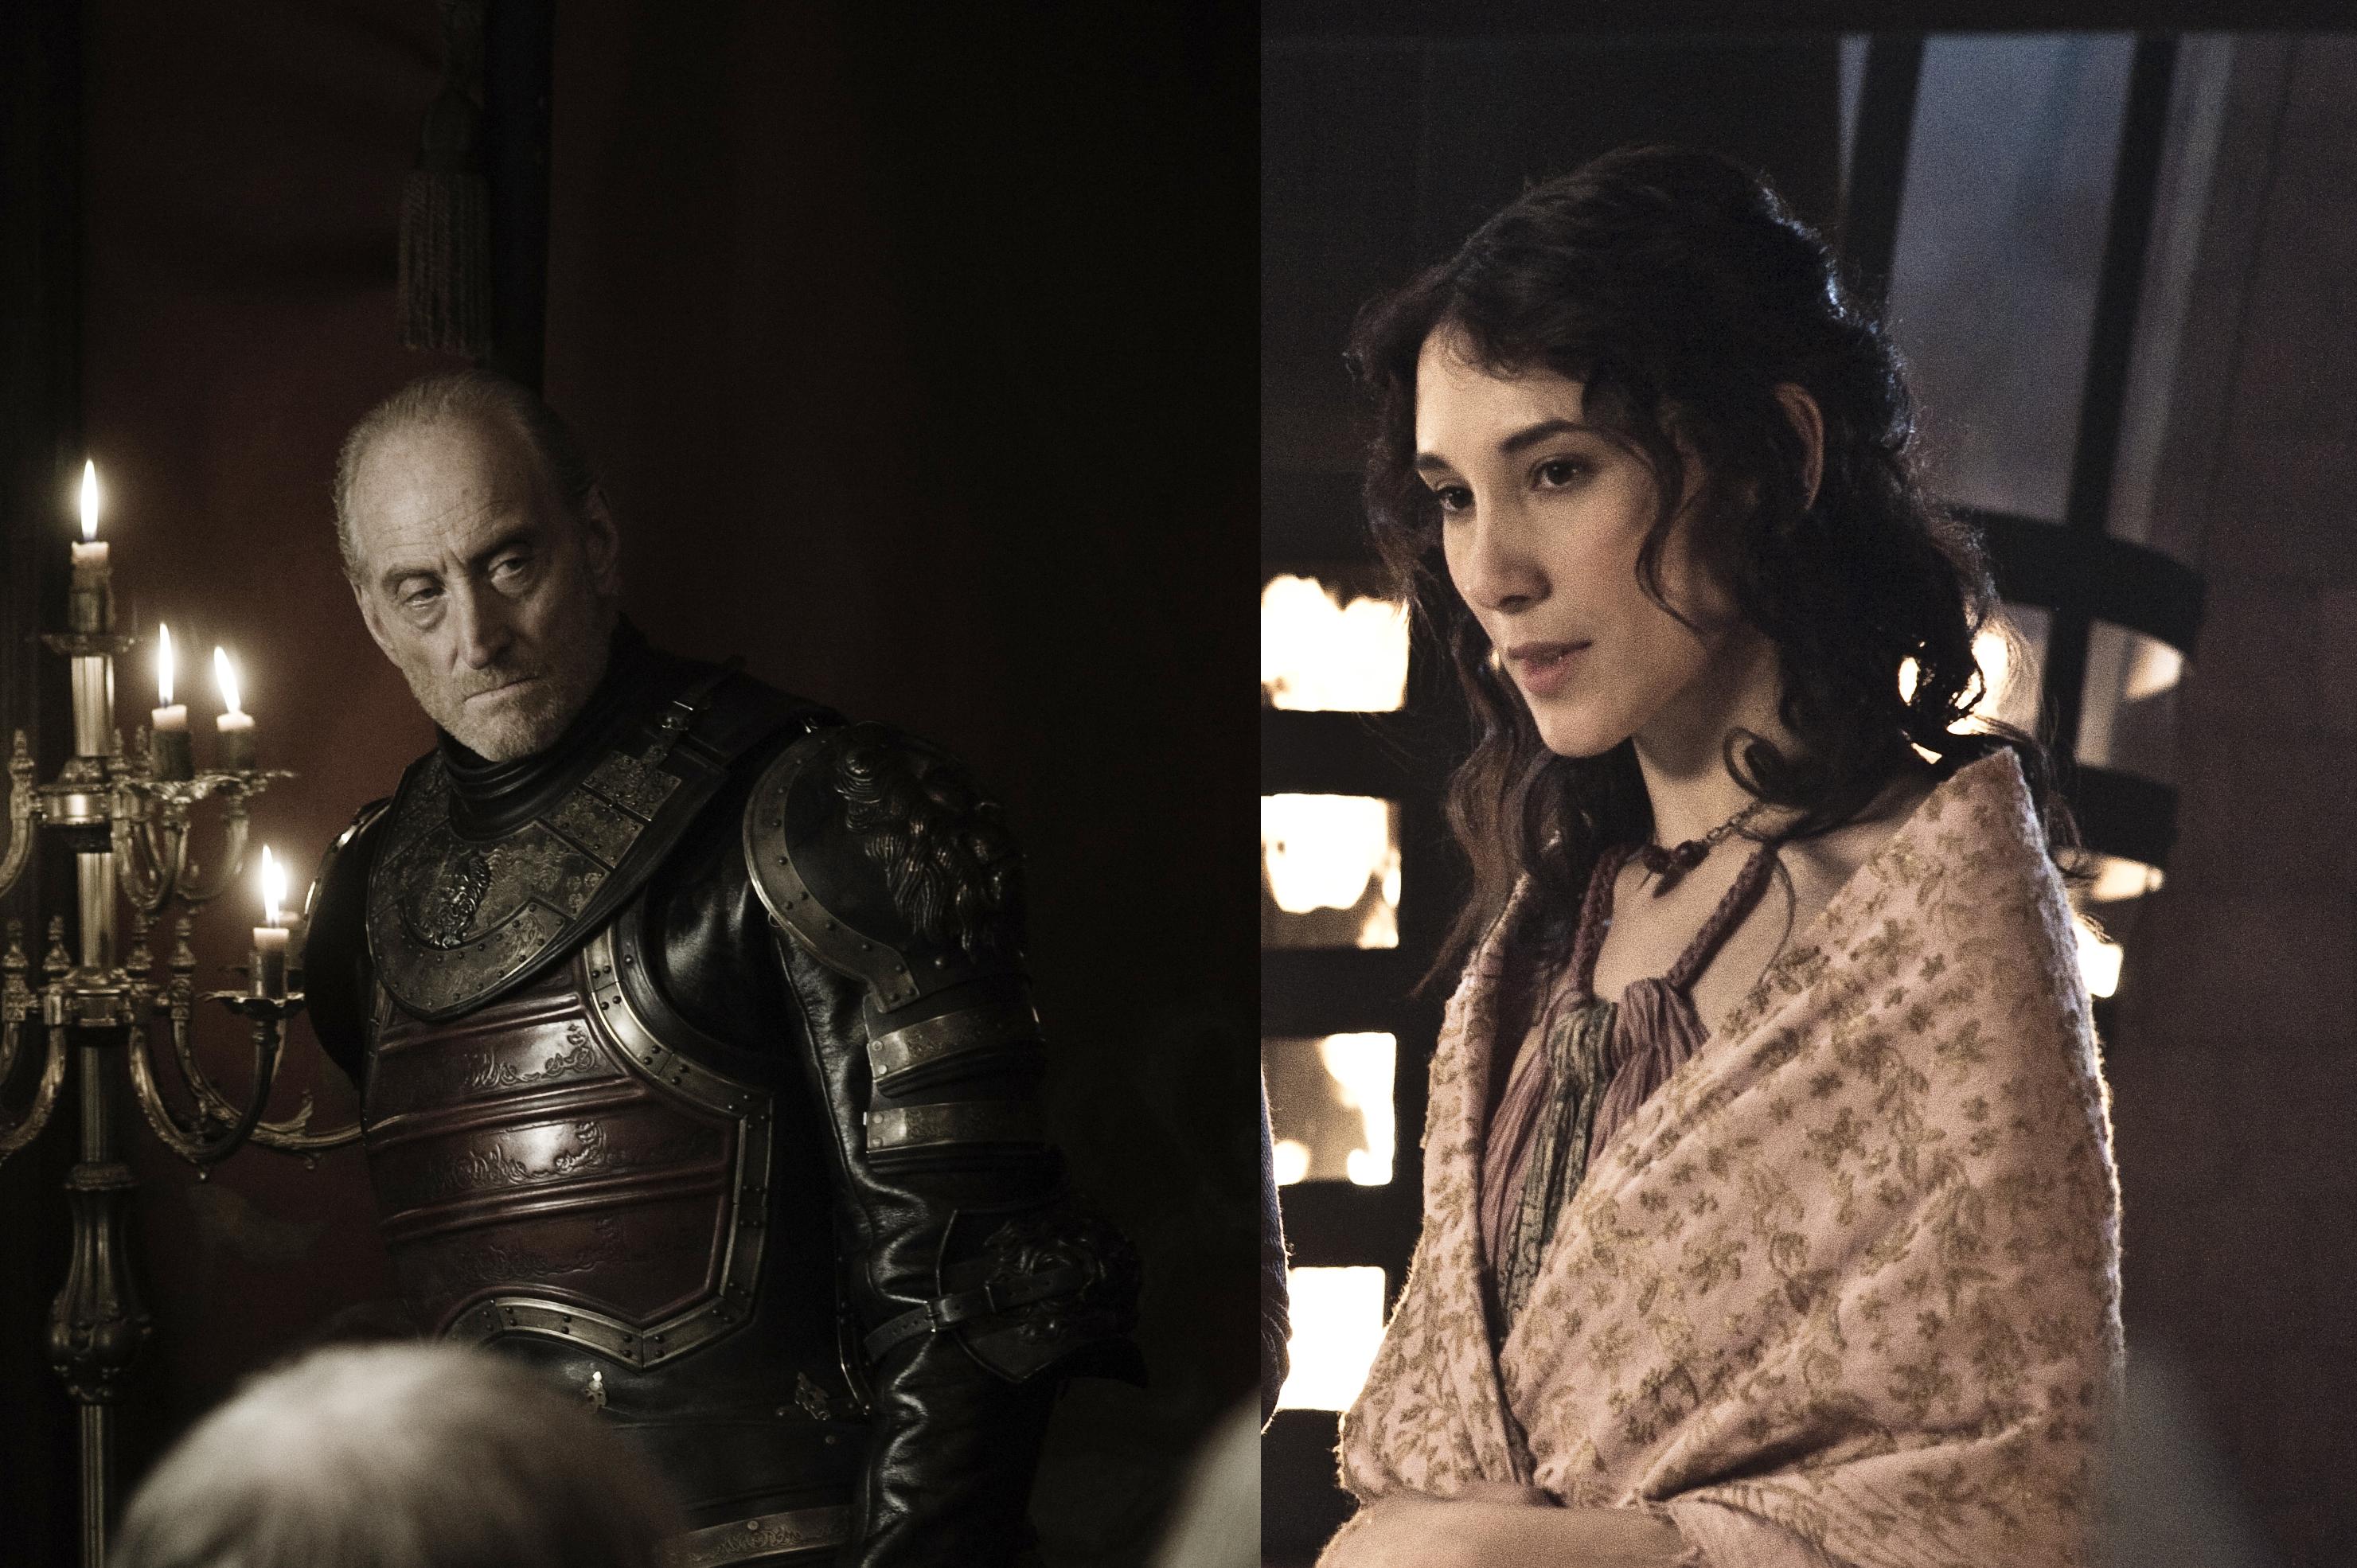 Fotos: Divulgação / Game Of Thrones